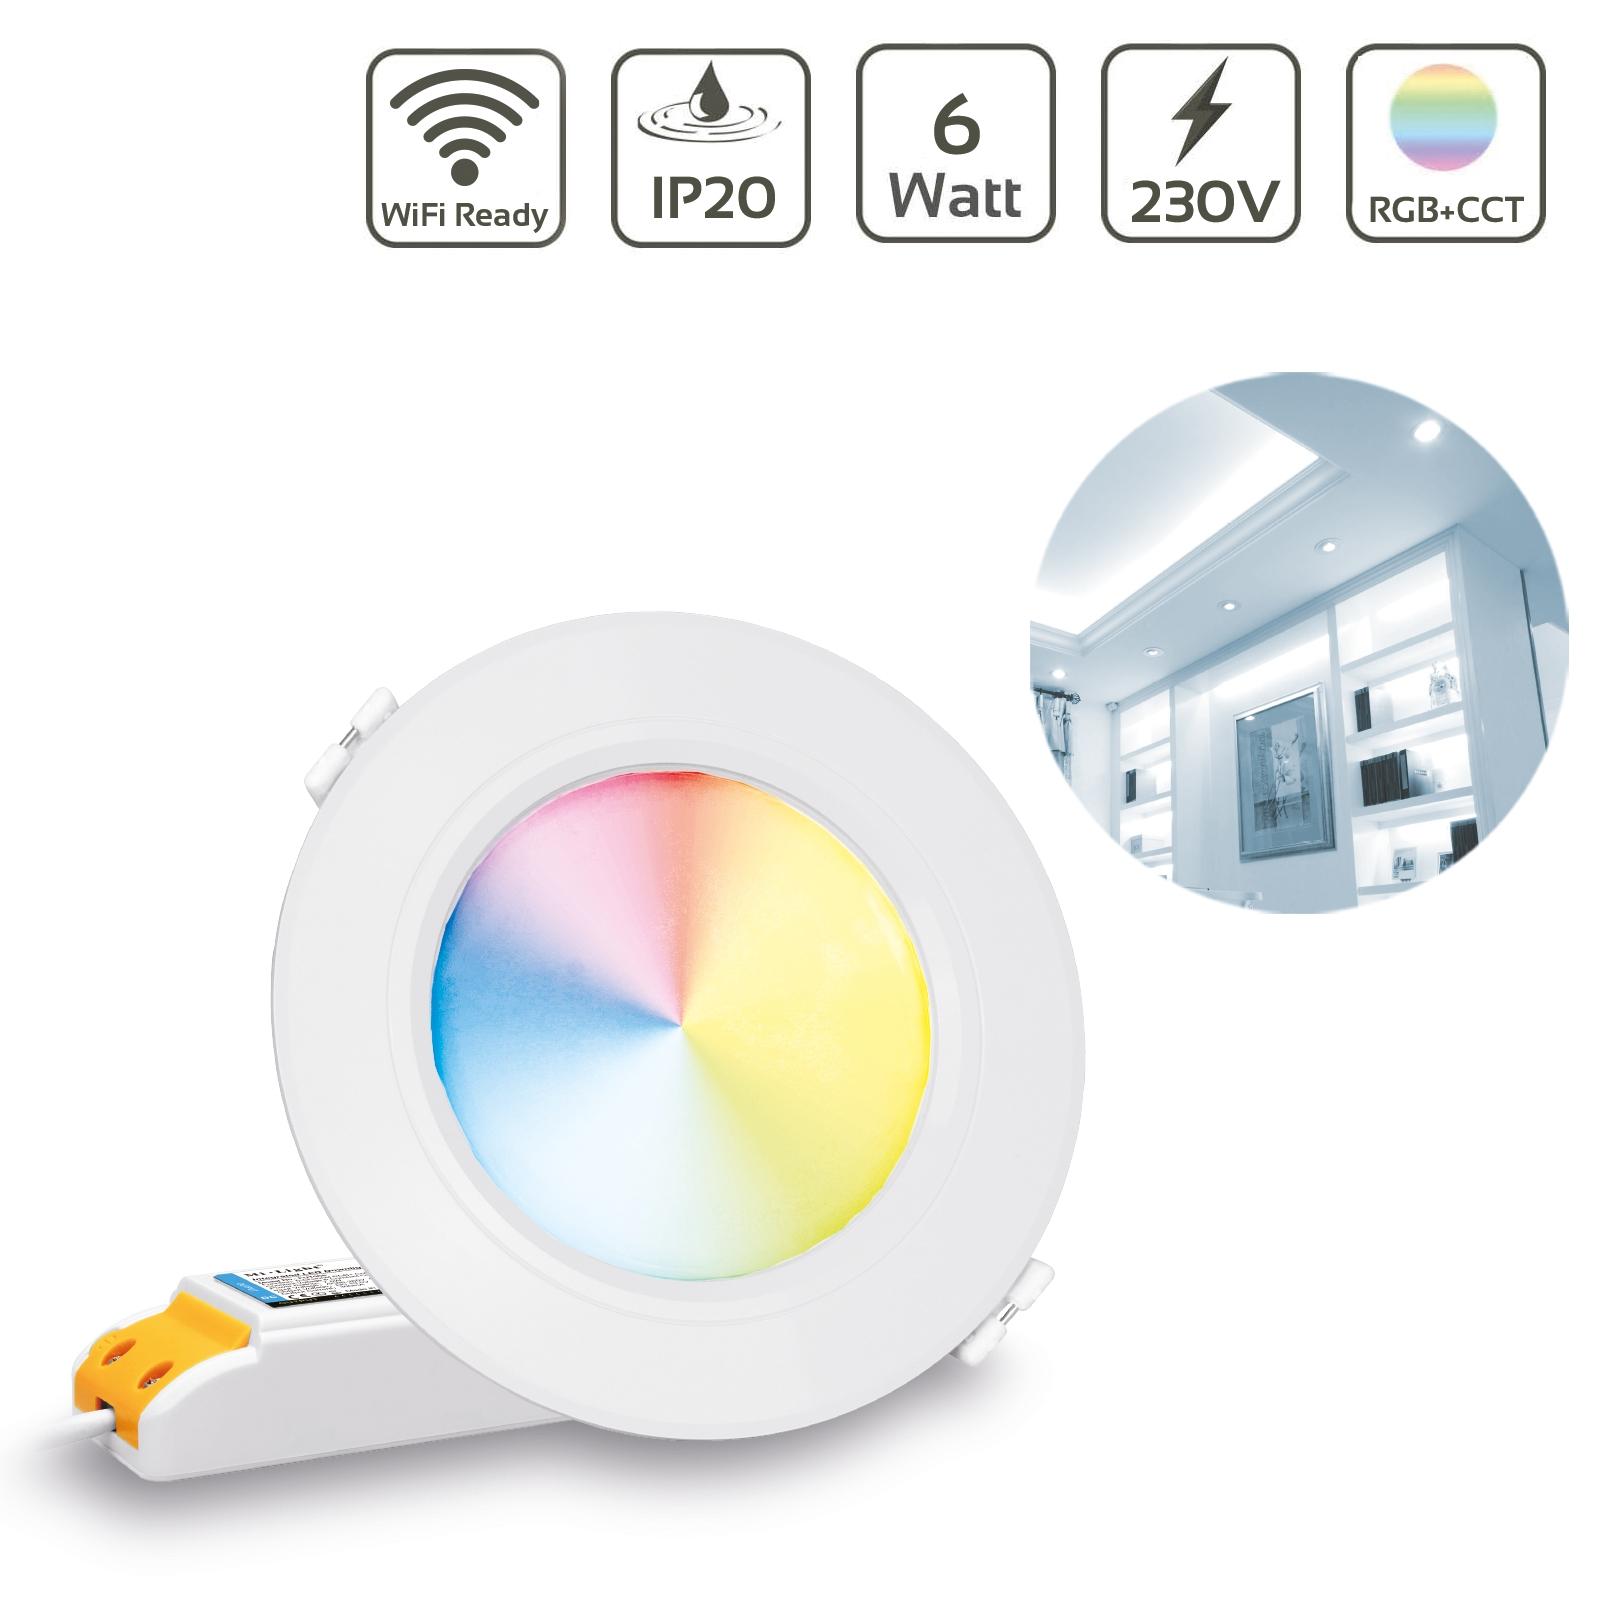 MiBoxer LED Einbaustrahler RGB+CCT 6W Ø118mm 2.4GHz, WiFi ready